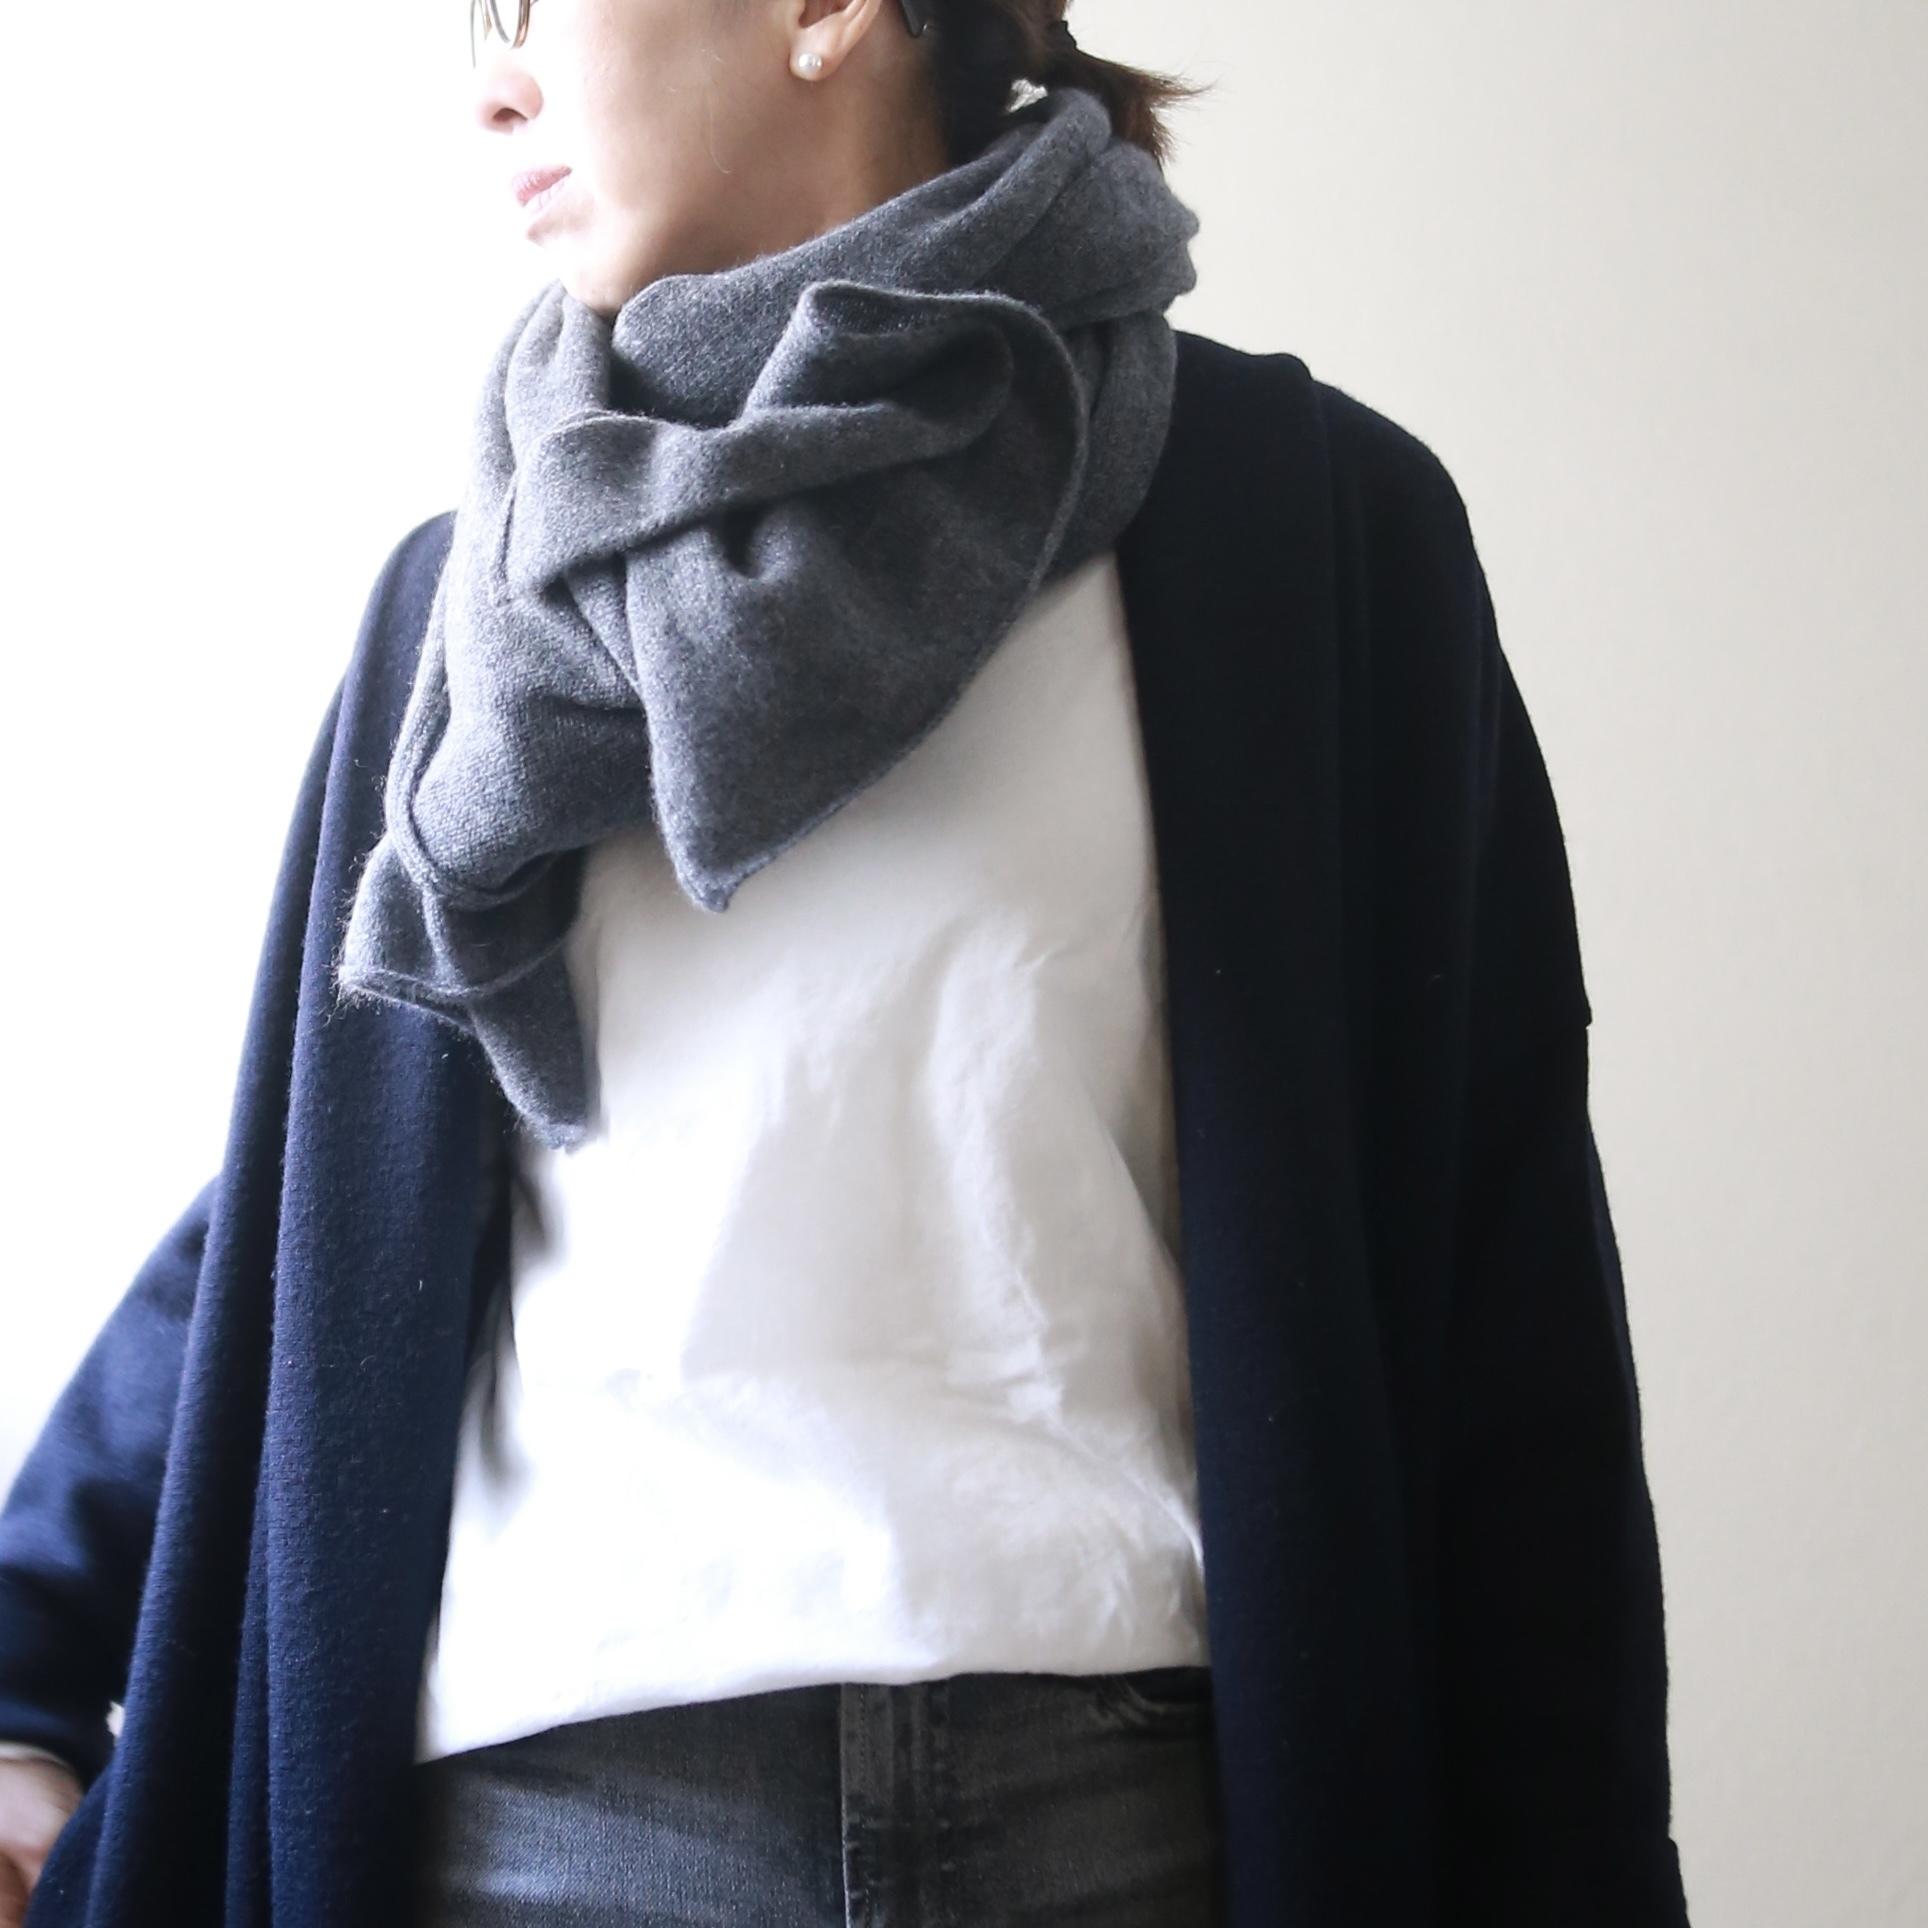 防寒しながら、おしゃれも楽しむ!2月の寒さを乗り切るコーデの秘訣まとめ|40代ファッション_1_36